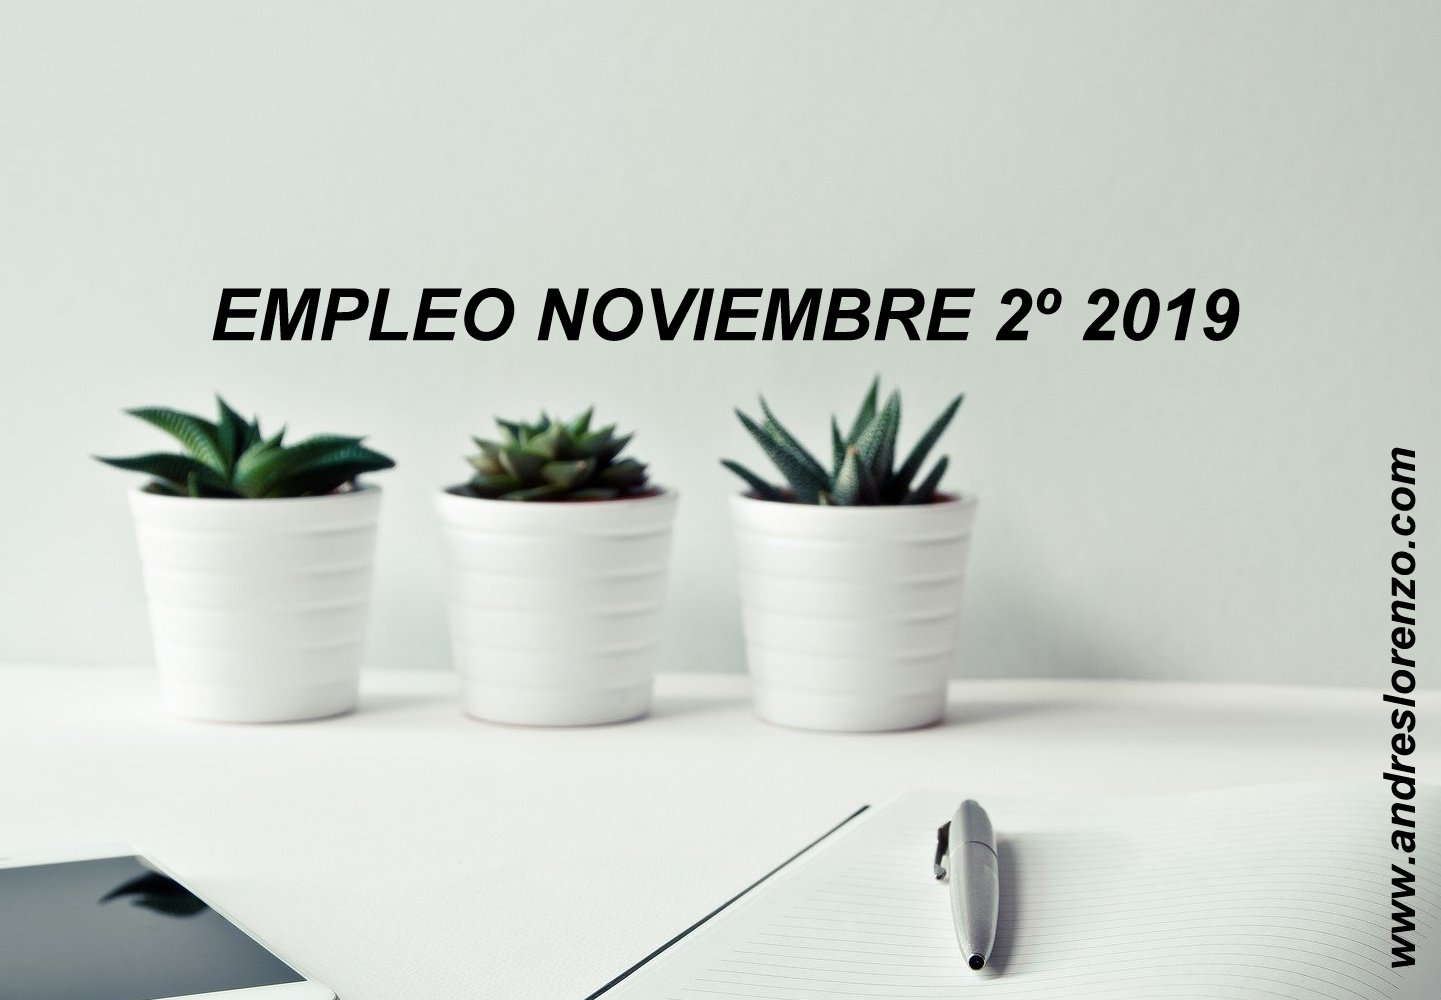 EMPLEO NOVIEMBRE 2º 2019